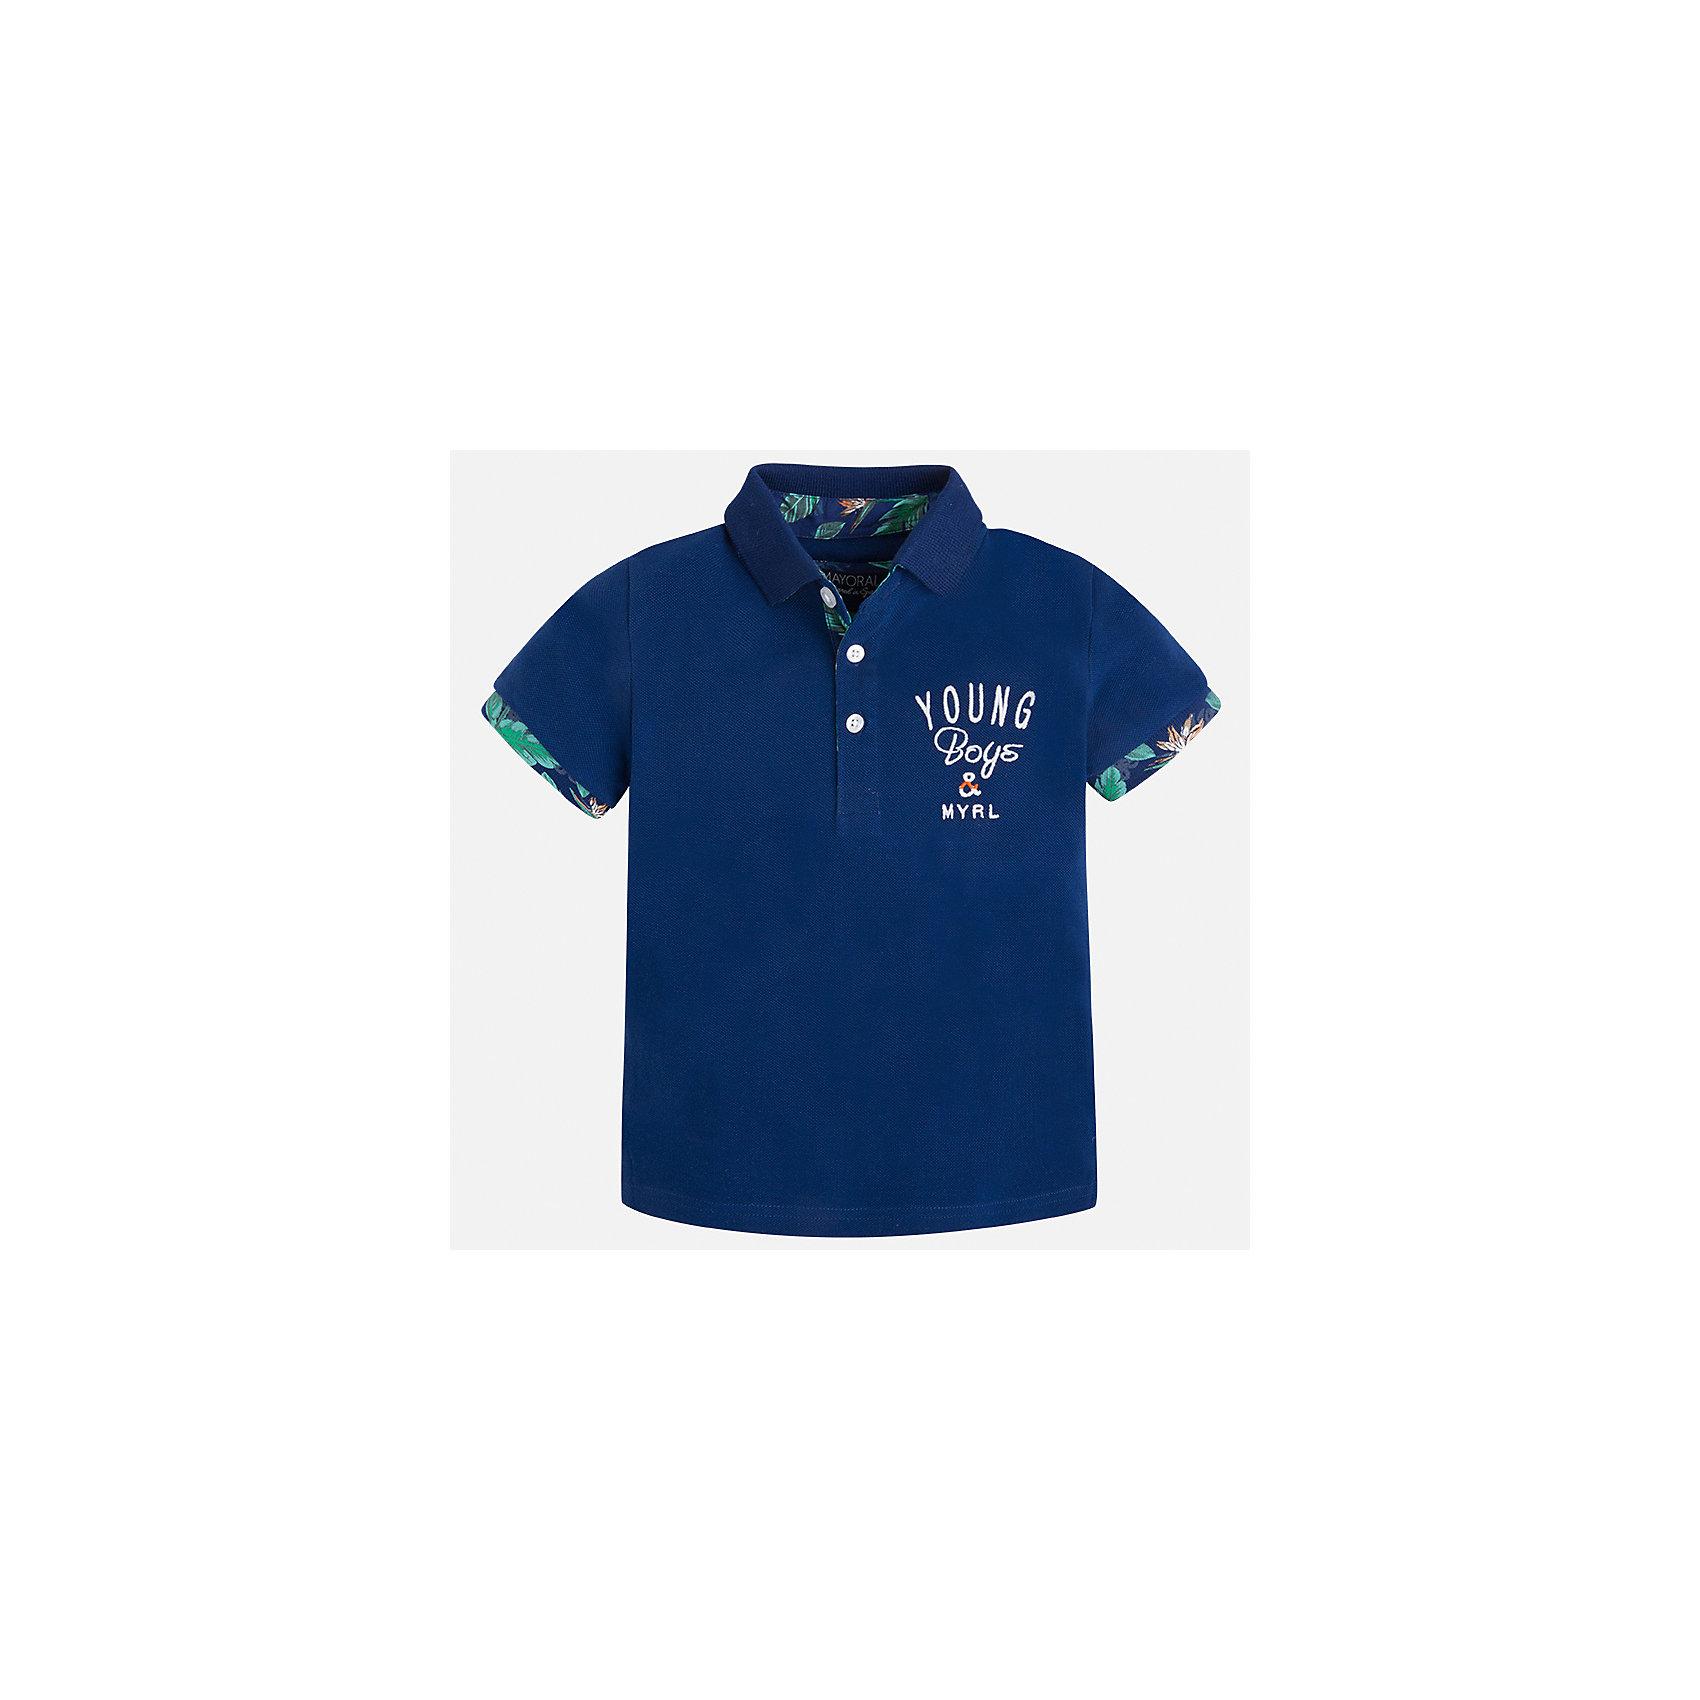 Футболка-поло для мальчика MayoralФутболки, поло и топы<br>Характеристики товара:<br><br>• цвет: синий<br>• состав: 100% хлопок<br>• отложной воротник<br>• короткие рукава<br>• застежка: пуговицы<br>• декорирована вышивкой<br>• страна бренда: Испания<br><br>Модная футболка-поло для мальчика может стать базовой вещью в гардеробе ребенка. Она отлично сочетается с брюками, шортами, джинсами и т.д. Универсальный крой и цвет позволяет подобрать к вещи низ разных расцветок. Практичное и стильное изделие! В составе материала - только натуральный хлопок, гипоаллергенный, приятный на ощупь, дышащий.<br><br>Одежда, обувь и аксессуары от испанского бренда Mayoral полюбились детям и взрослым по всему миру. Модели этой марки - стильные и удобные. Для их производства используются только безопасные, качественные материалы и фурнитура. Порадуйте ребенка модными и красивыми вещами от Mayoral! <br><br>Футболку-поло для мальчика от испанского бренда Mayoral (Майорал) можно купить в нашем интернет-магазине.<br><br>Ширина мм: 199<br>Глубина мм: 10<br>Высота мм: 161<br>Вес г: 151<br>Цвет: синий<br>Возраст от месяцев: 18<br>Возраст до месяцев: 24<br>Пол: Мужской<br>Возраст: Детский<br>Размер: 92,134,128,122,116,110,104,98<br>SKU: 5280367